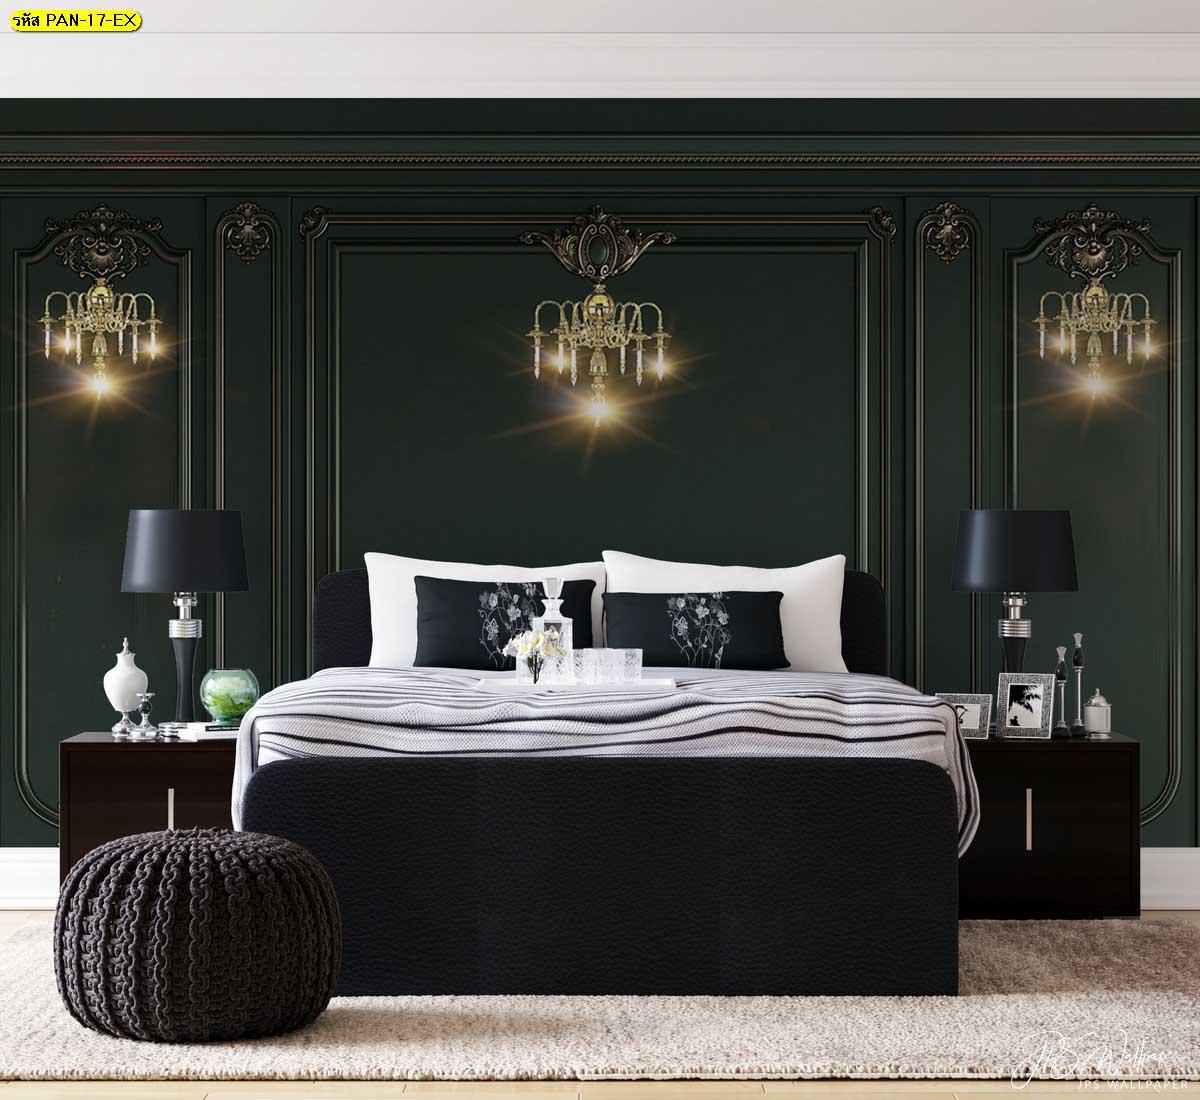 ไอเดียแต่งห้องนอนในบ้านให้เหมือนได้พักโรงแรมระดับ5ดาว ห้องนอนเหมือนโรงแรม